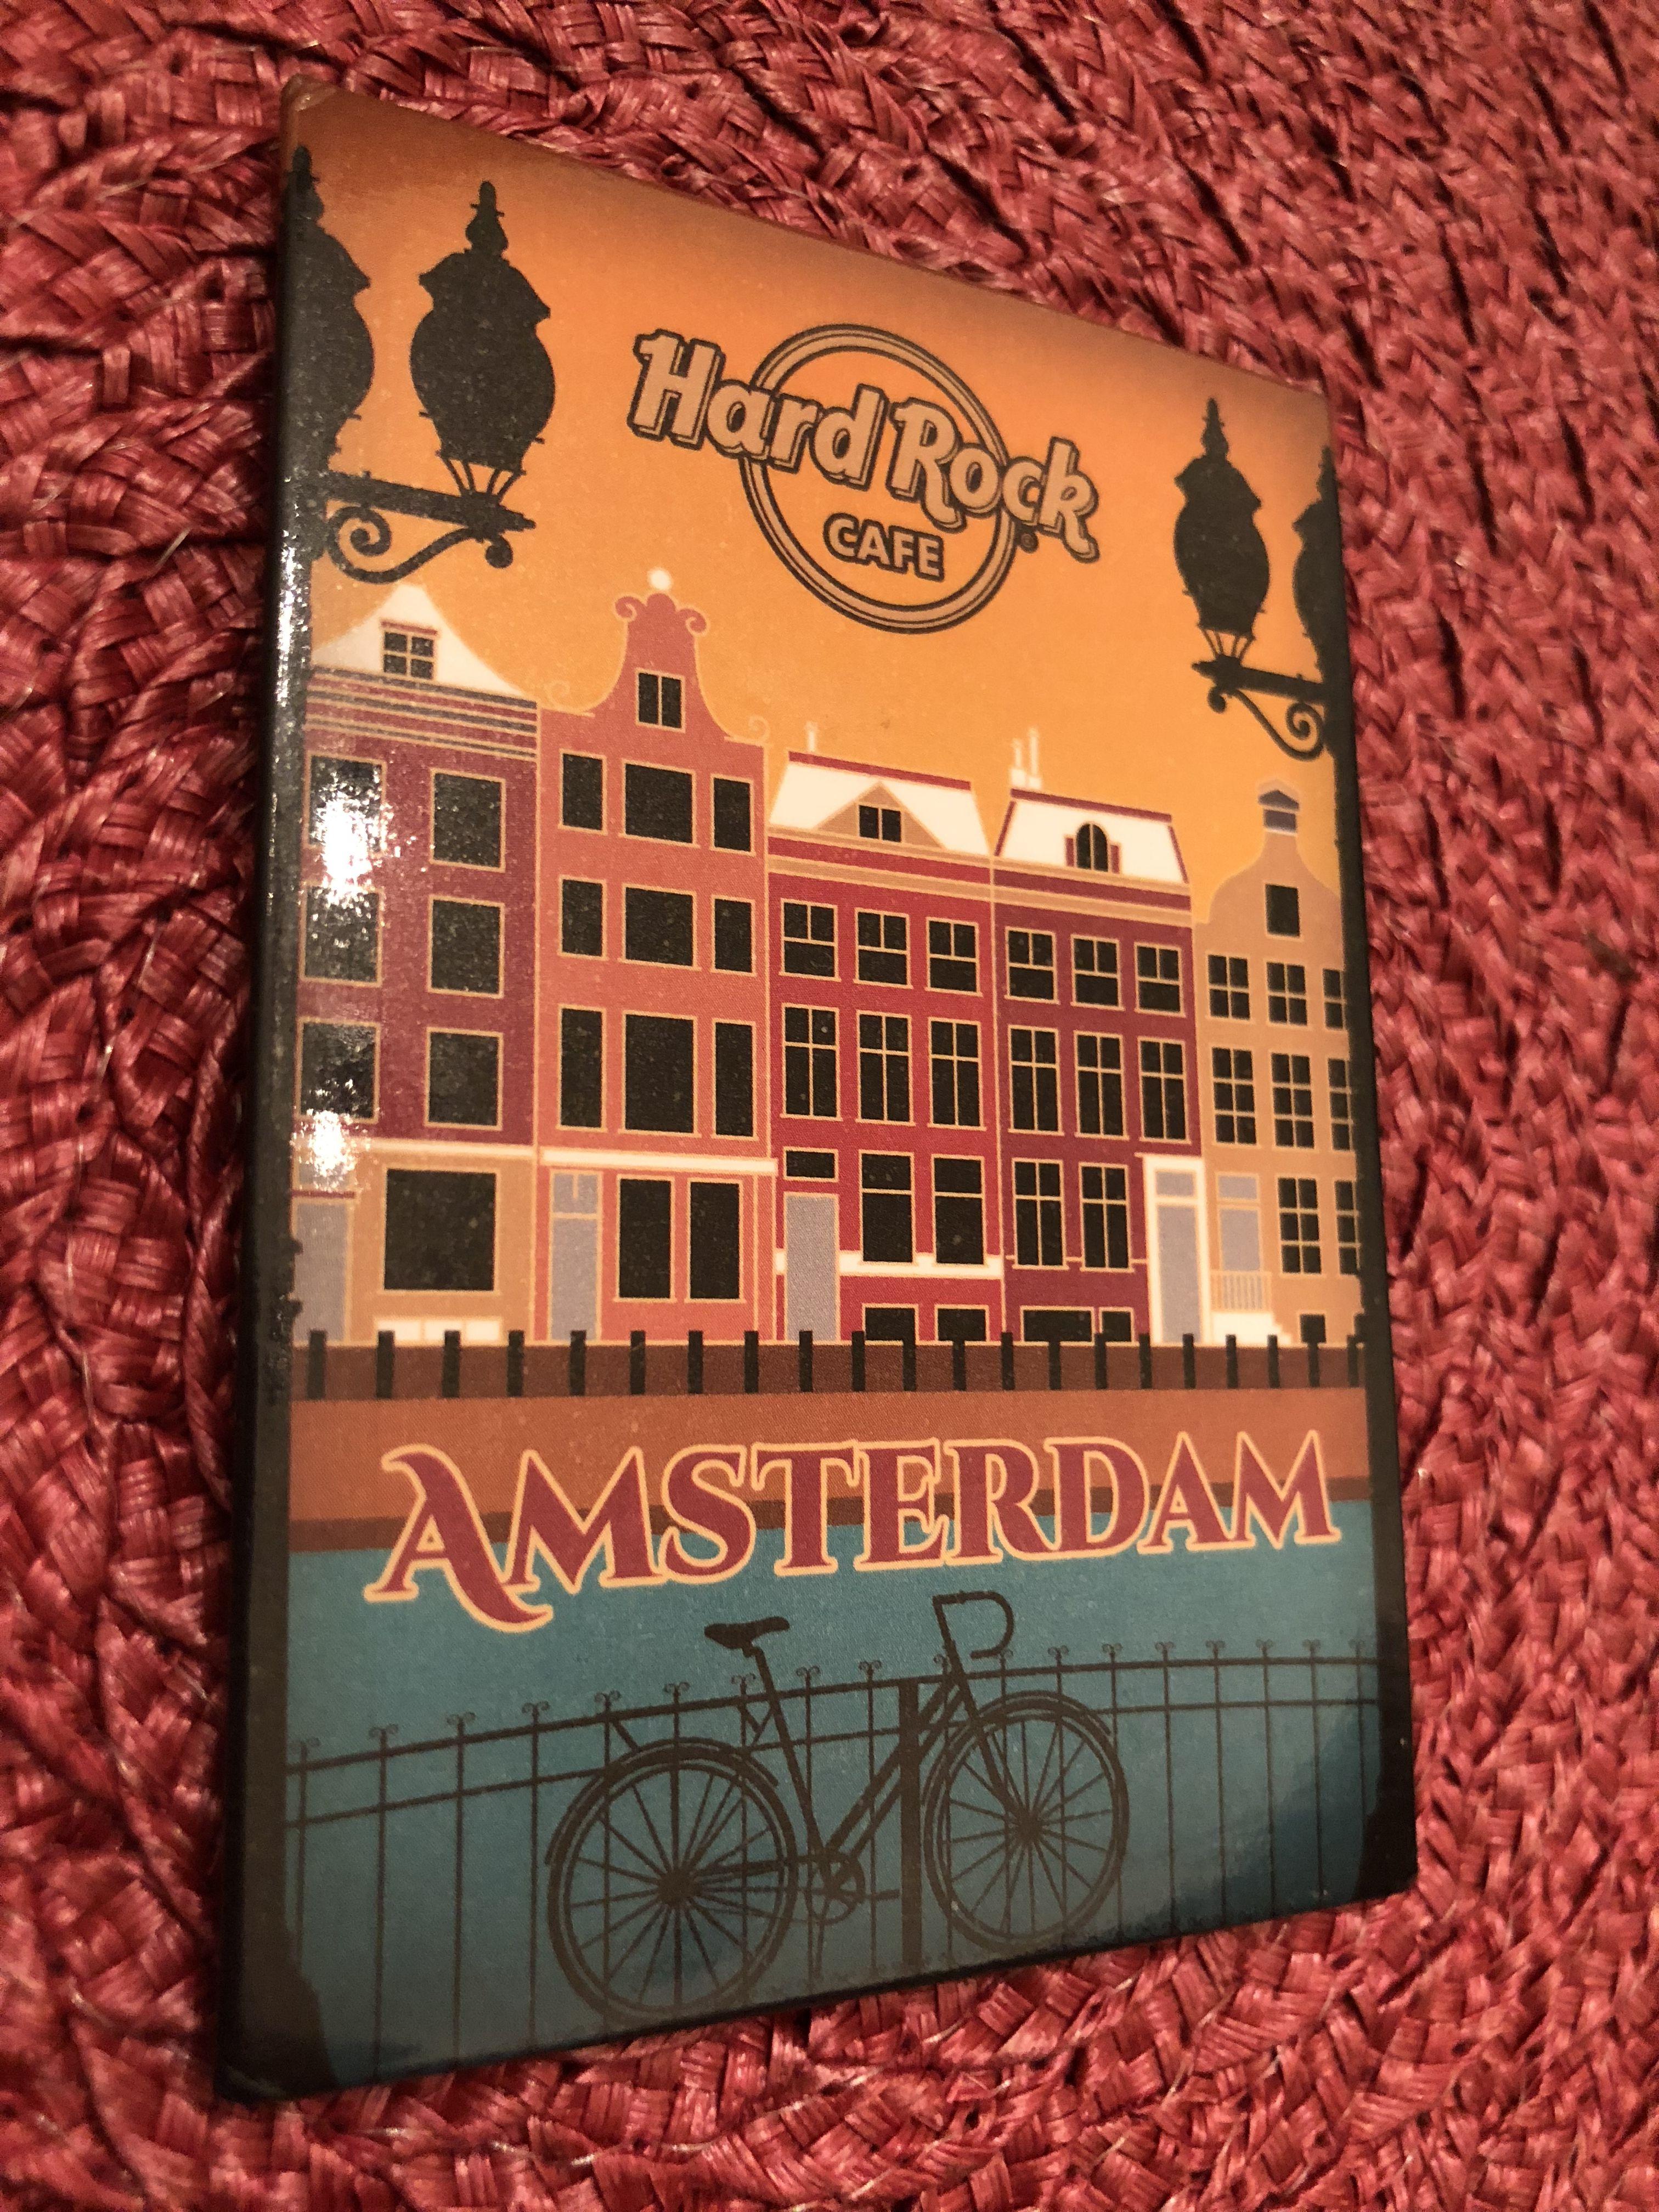 Hard Rock Cafe Amsterdam Magnet